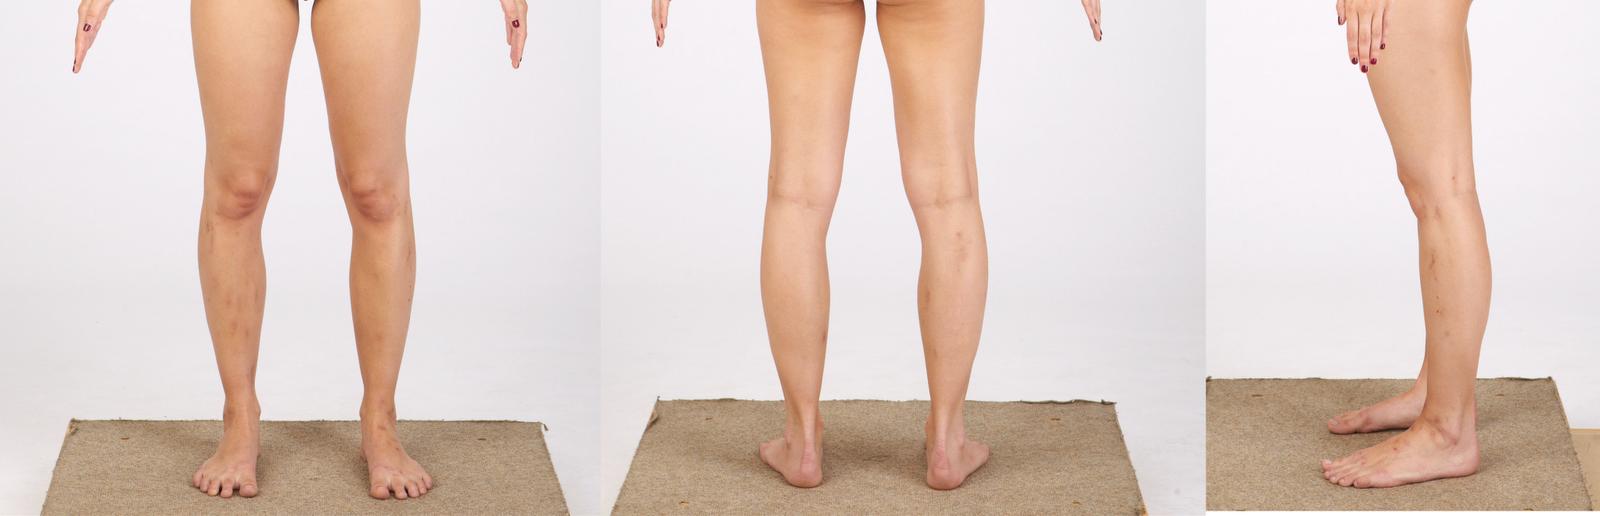 piernas y los pies